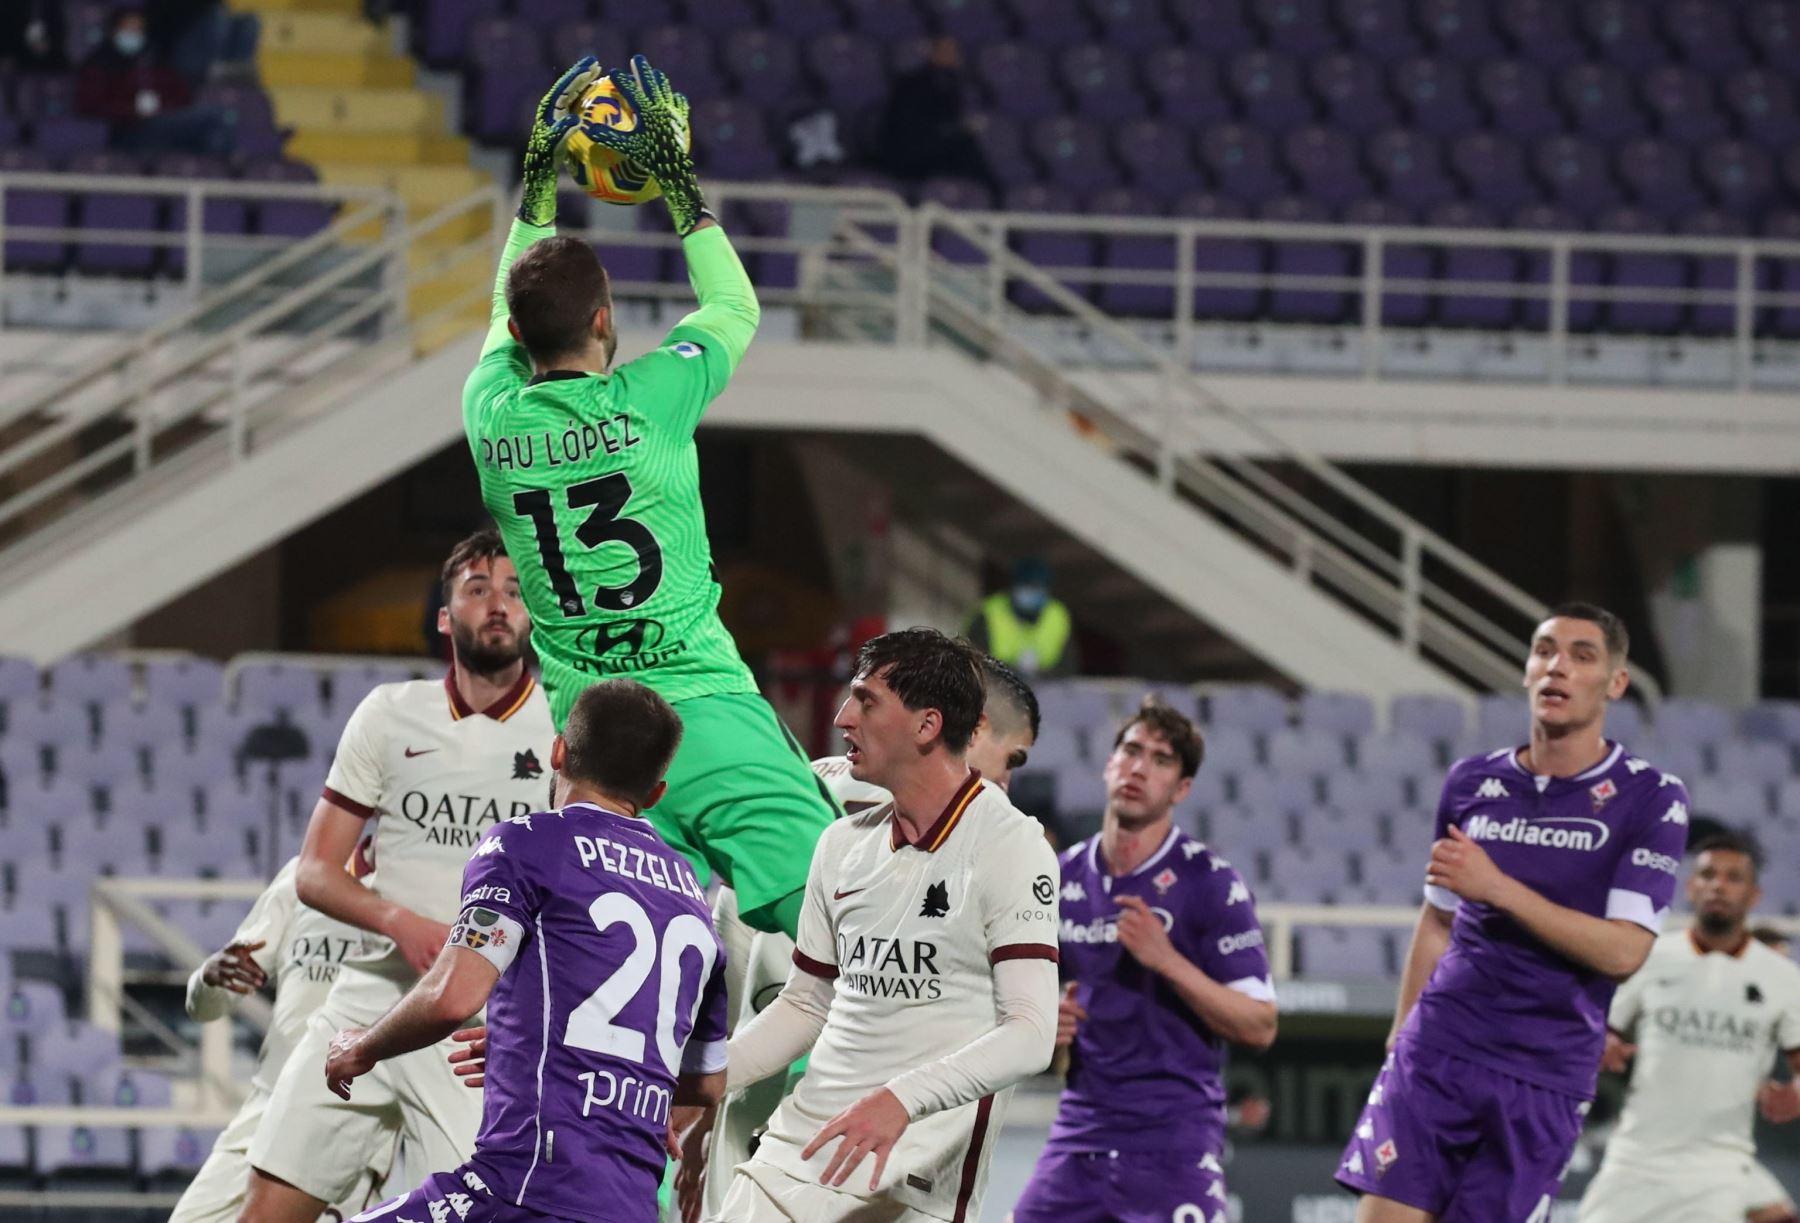 El portero de la Roma Pau López en acción durante el partido de fútbol de la Serie A italiana. Foto: EFE